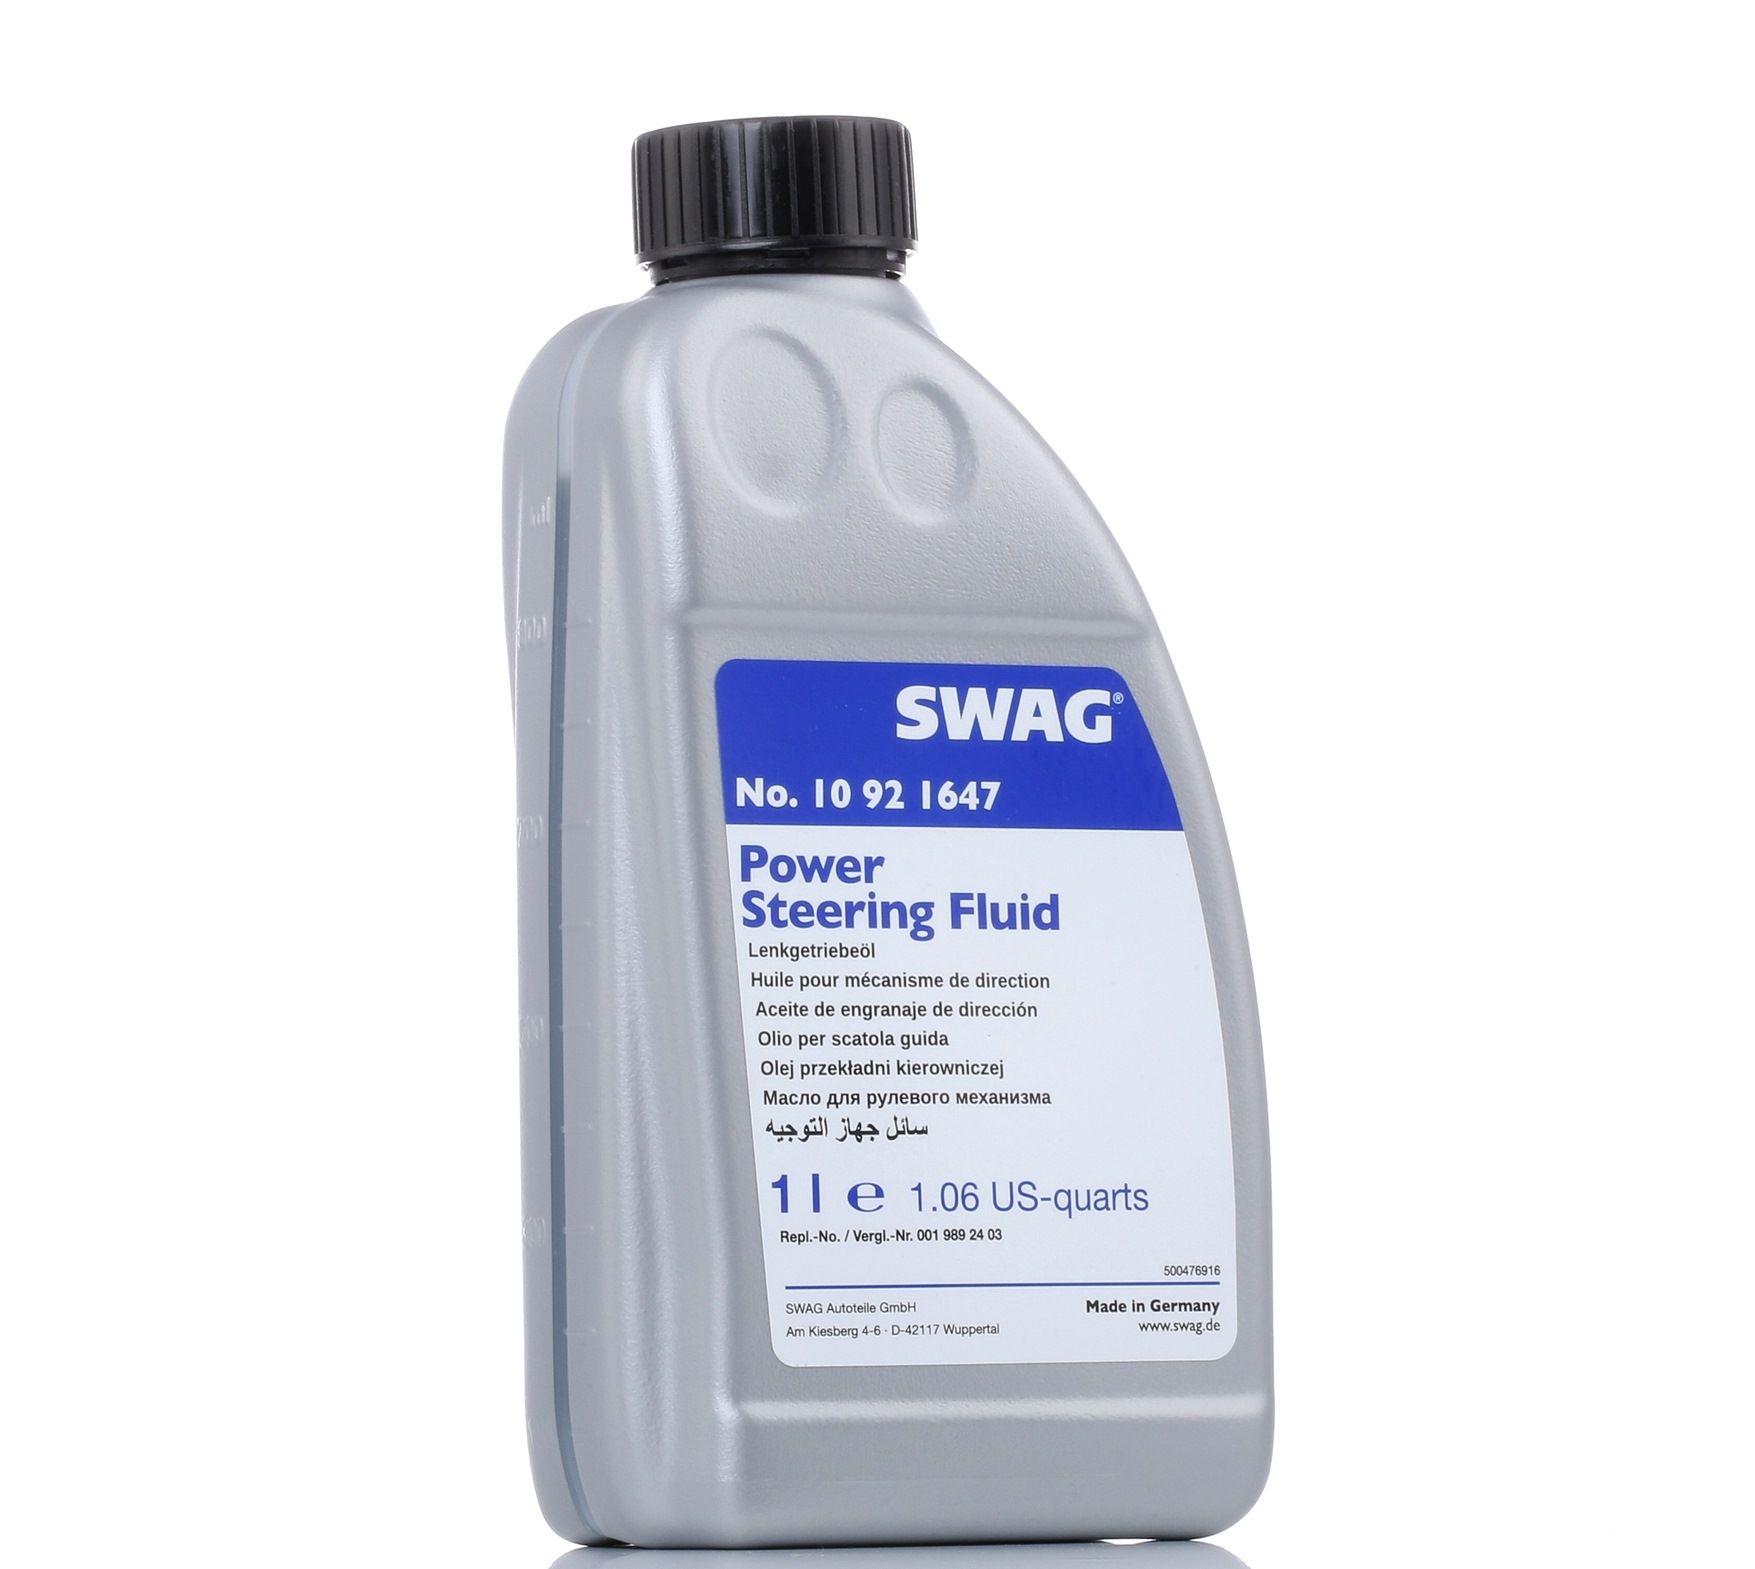 Hydrauliköl SWAG 10 92 1647 Bewertung